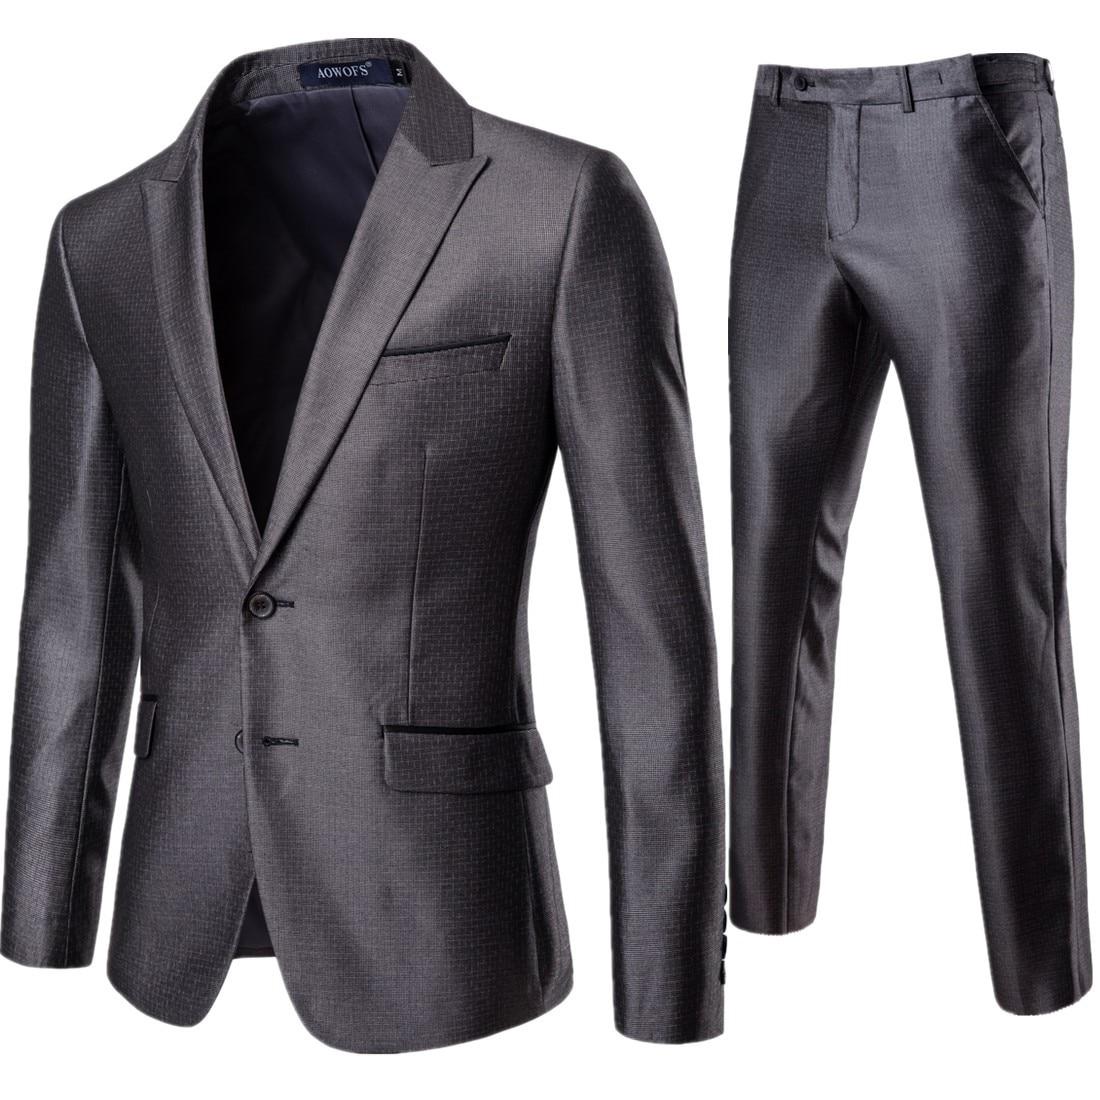 XF009 четыре сезона новый модный мужской костюм два деловые случайные костюмы жениха и жениха свадебное платье блейзер для мужчин